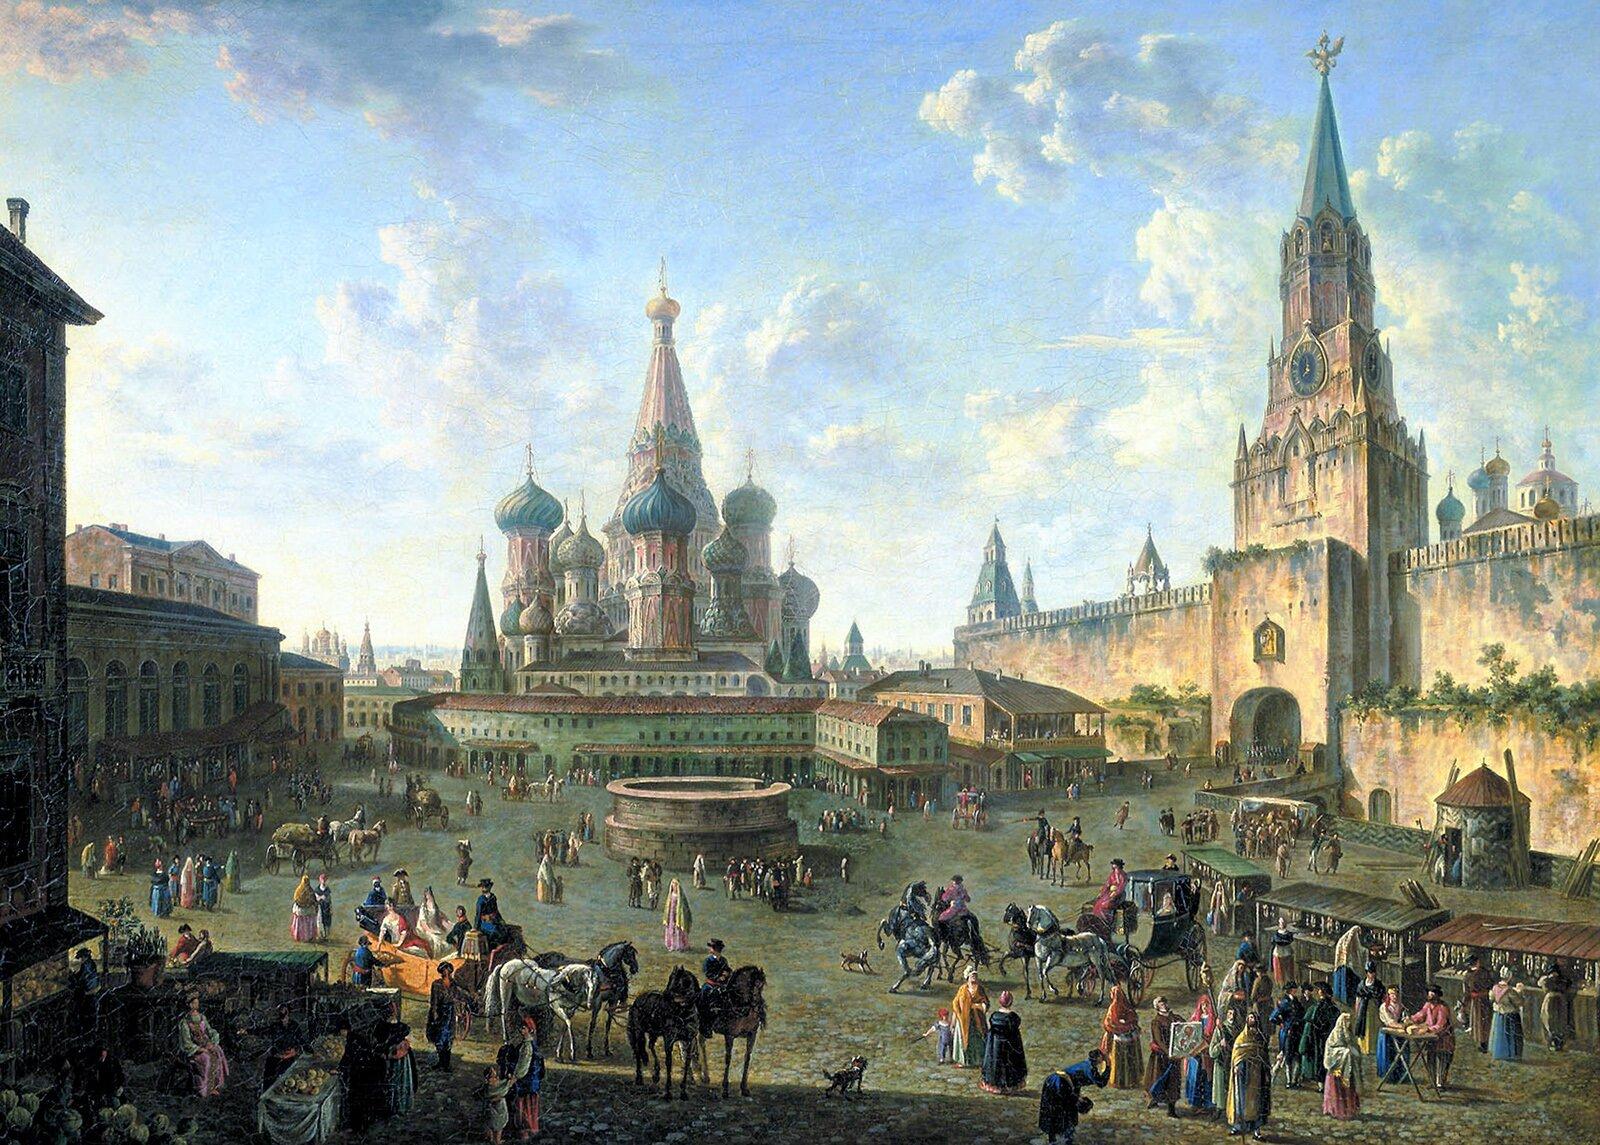 Ф. Алексеев. Красная площадь в Москве. 1801 год